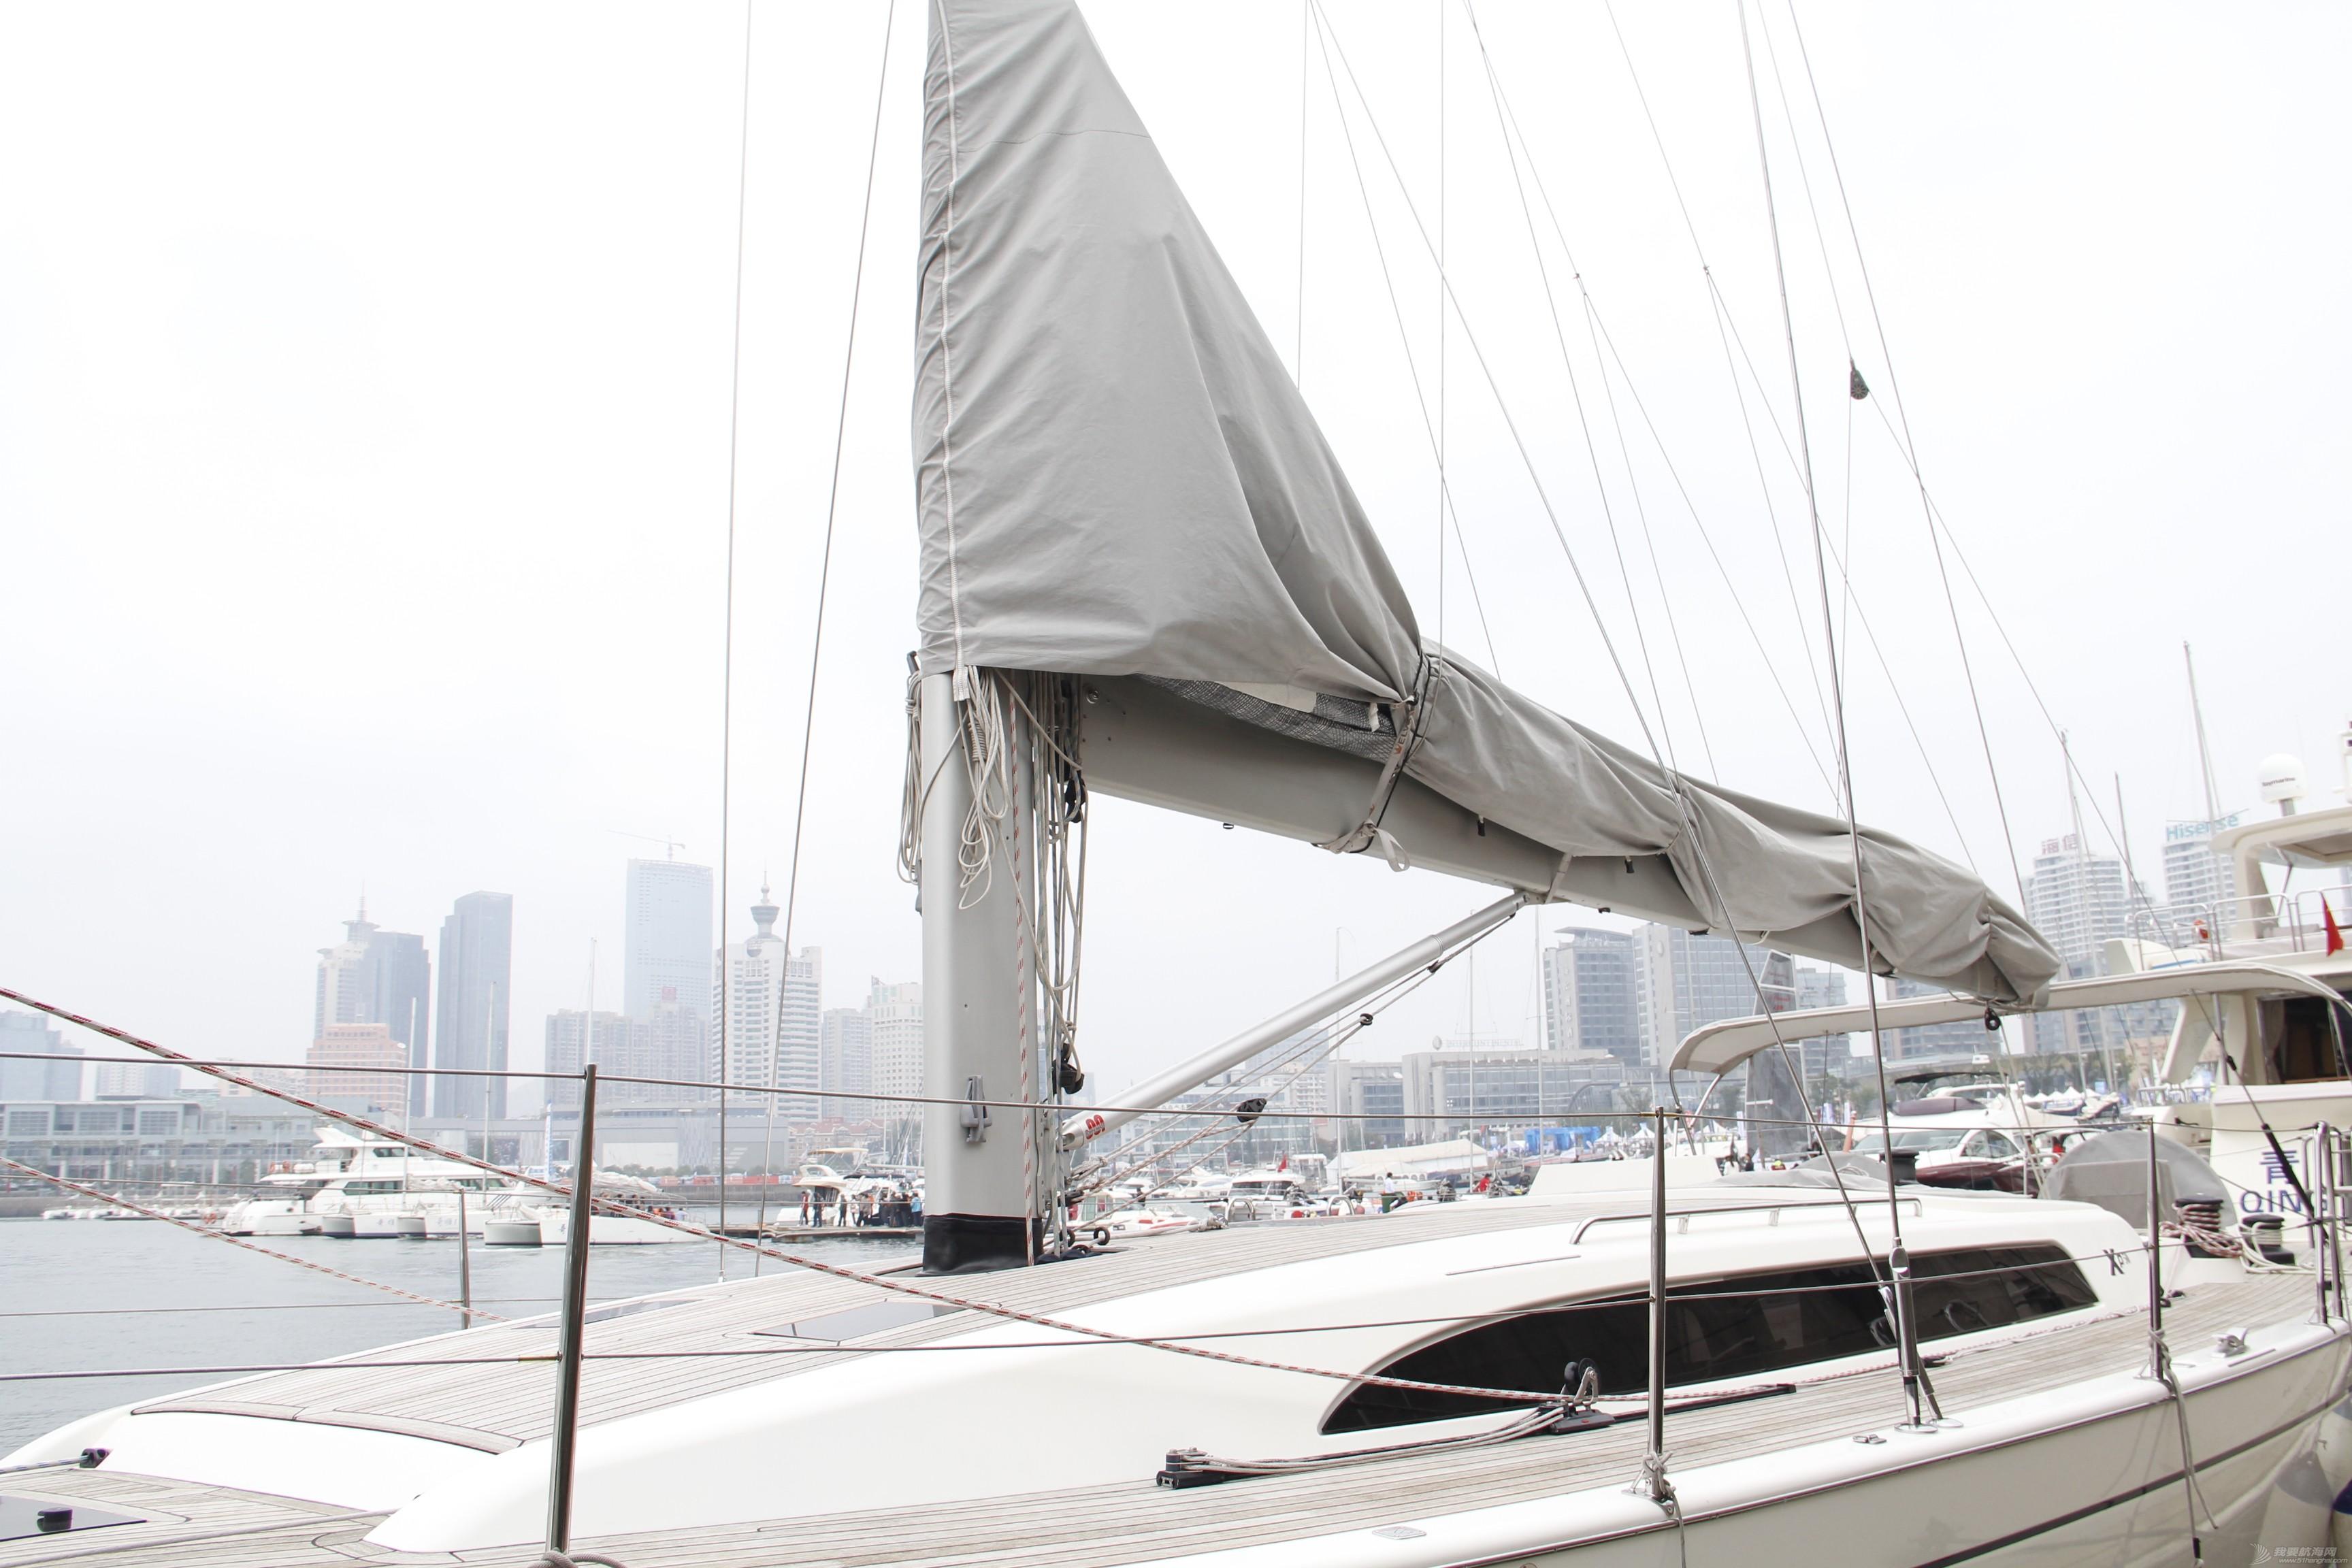 青岛,帆船 10月15日青岛看帆船 _MG_9874.JPG